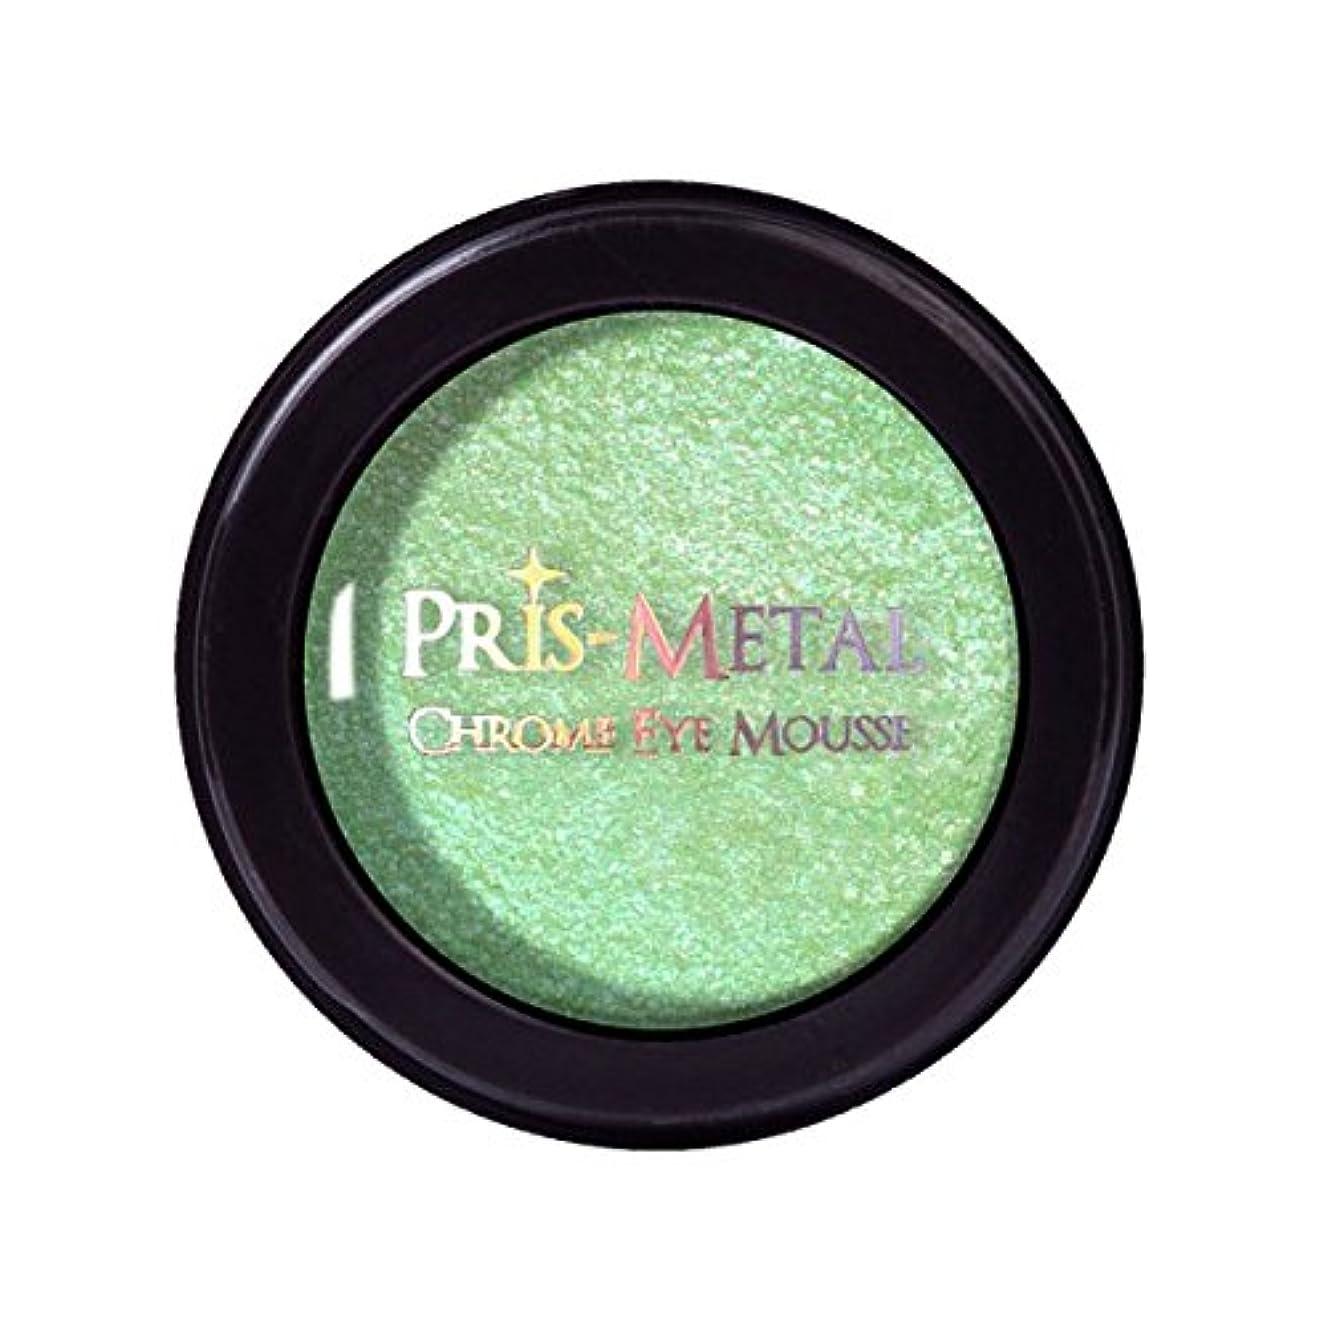 同性愛者悲劇的な住人J. CAT BEAUTY Pris-Metal Chrome Eye Mousse - Pixie Dust (並行輸入品)